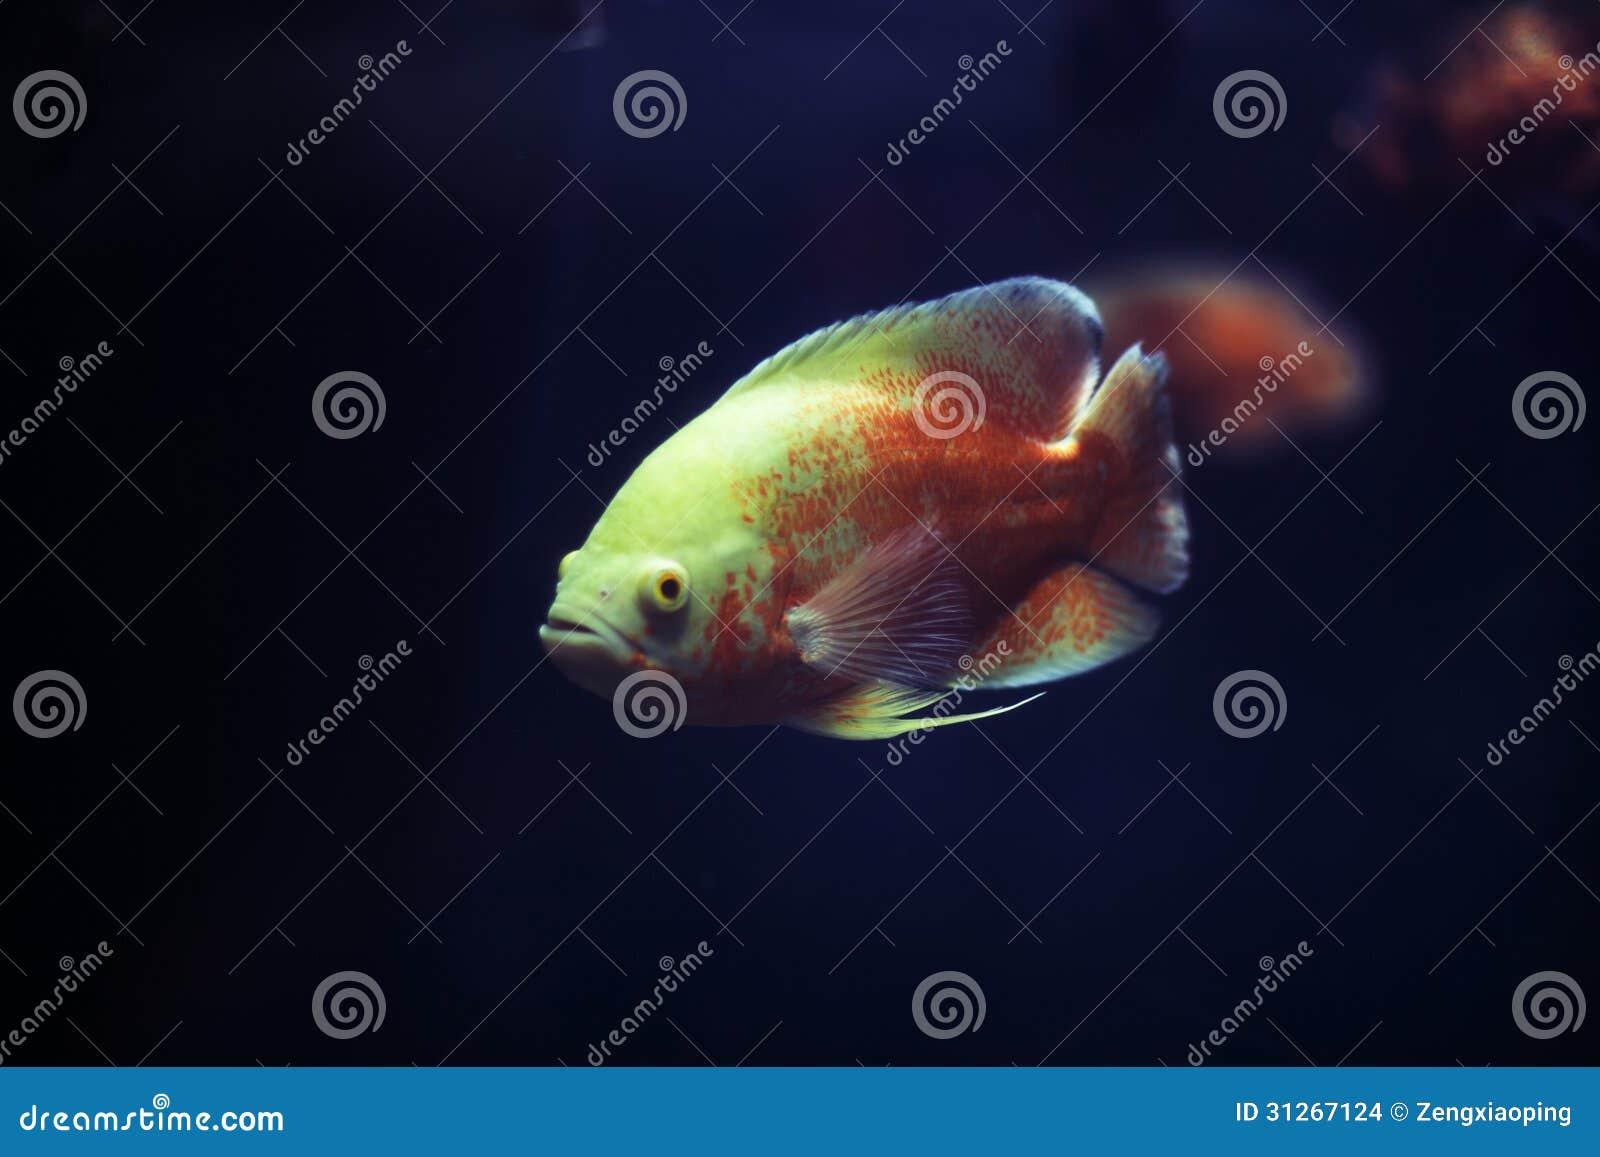 Een Nieuwsgierige Vis In Het Aquarium  Stock Afbeeldingen   Afbeelding  31267124